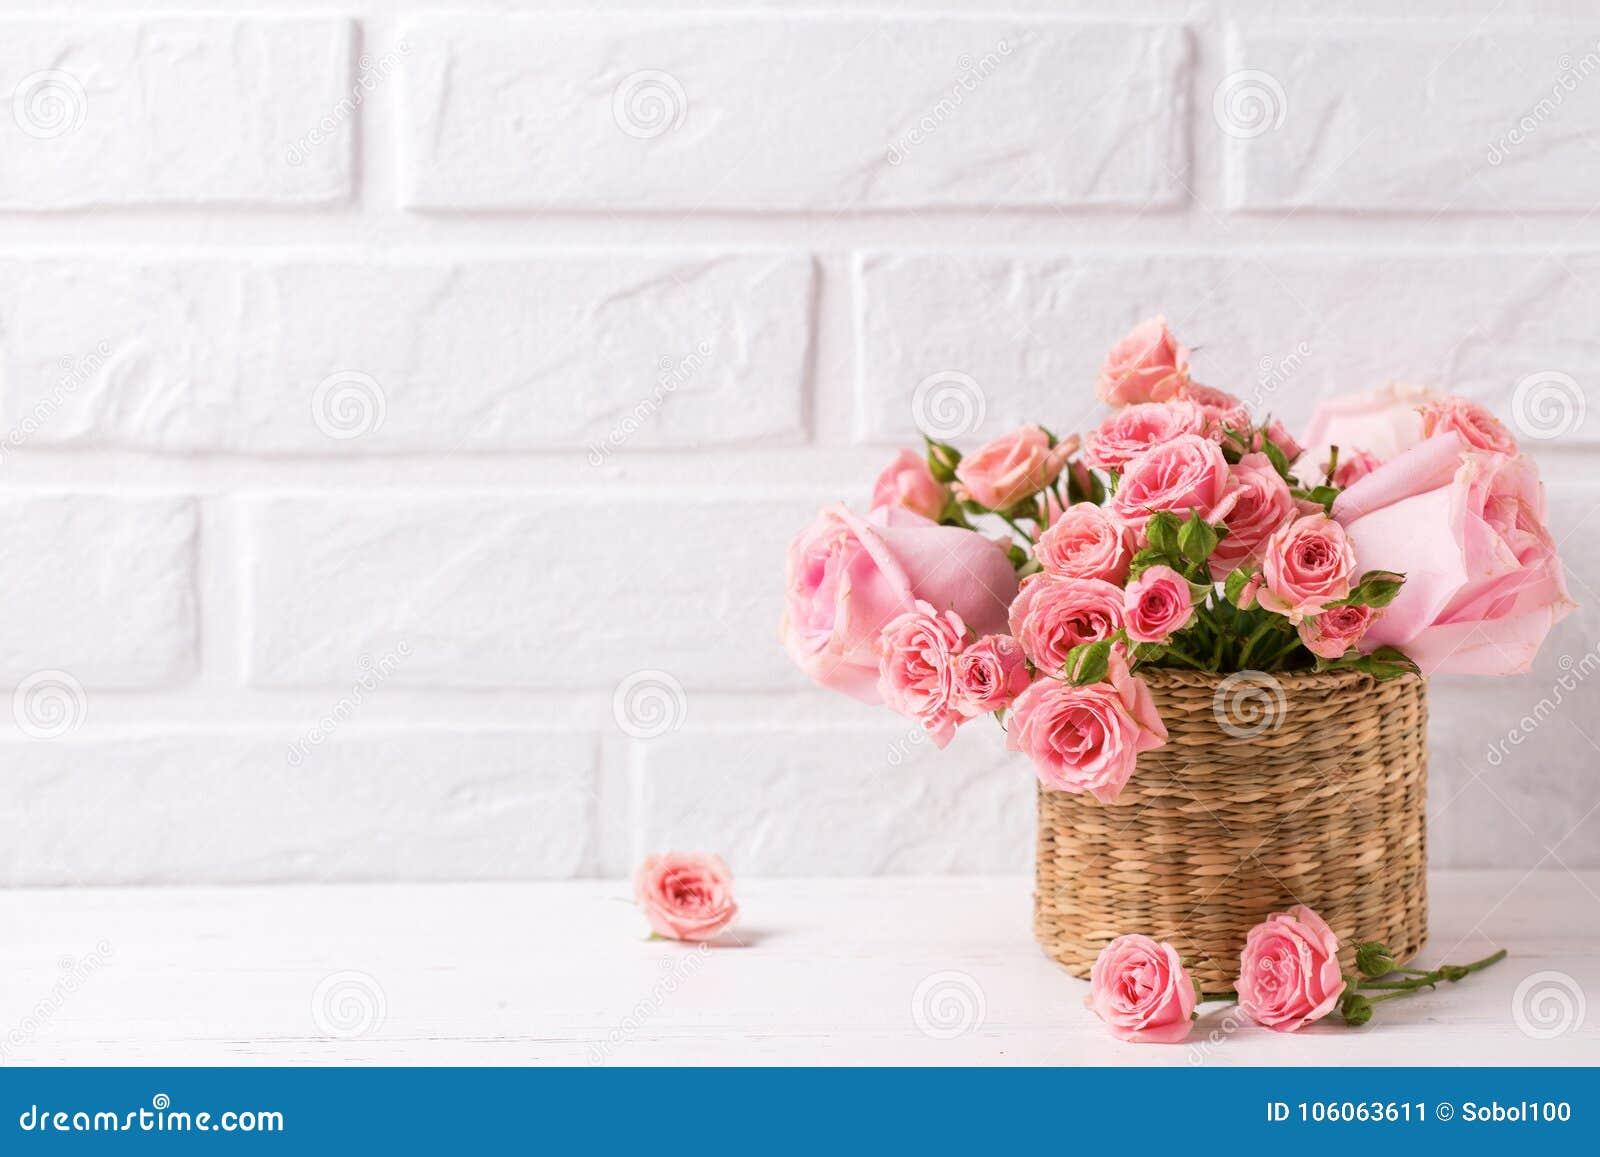 Hintergrund mit rosa Rosen blüht gegen weiße Backsteinmauer